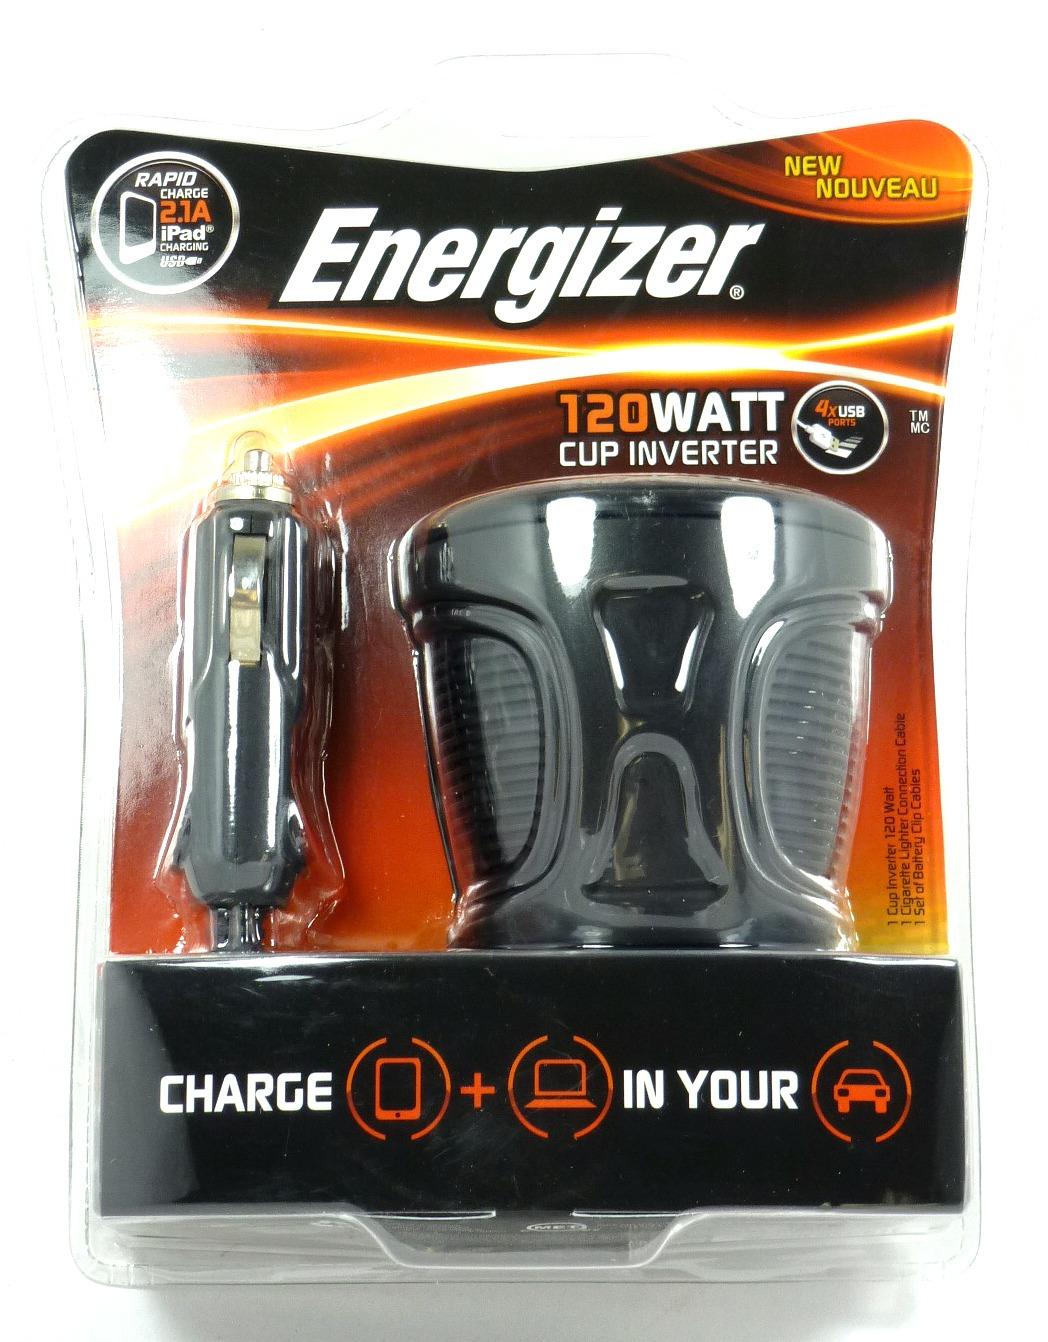 ... EN120 12 Volt Cup Power Inverter 120 Watt Car 12V DC 120 V AC | eBay